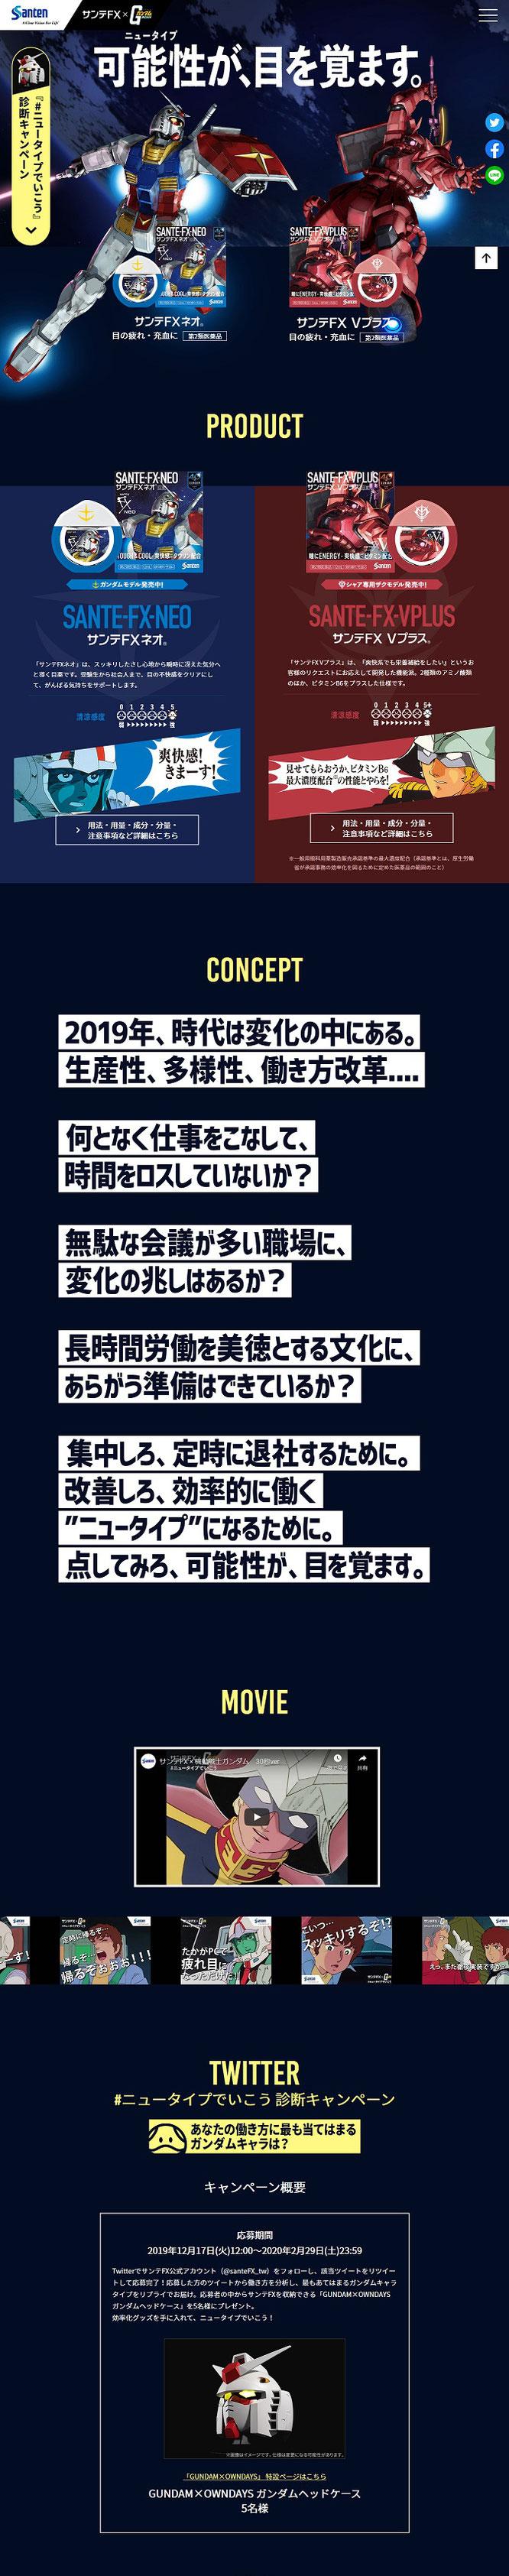 【参天製薬】サンテFX ガンダムモデル限定発売キャンペーン